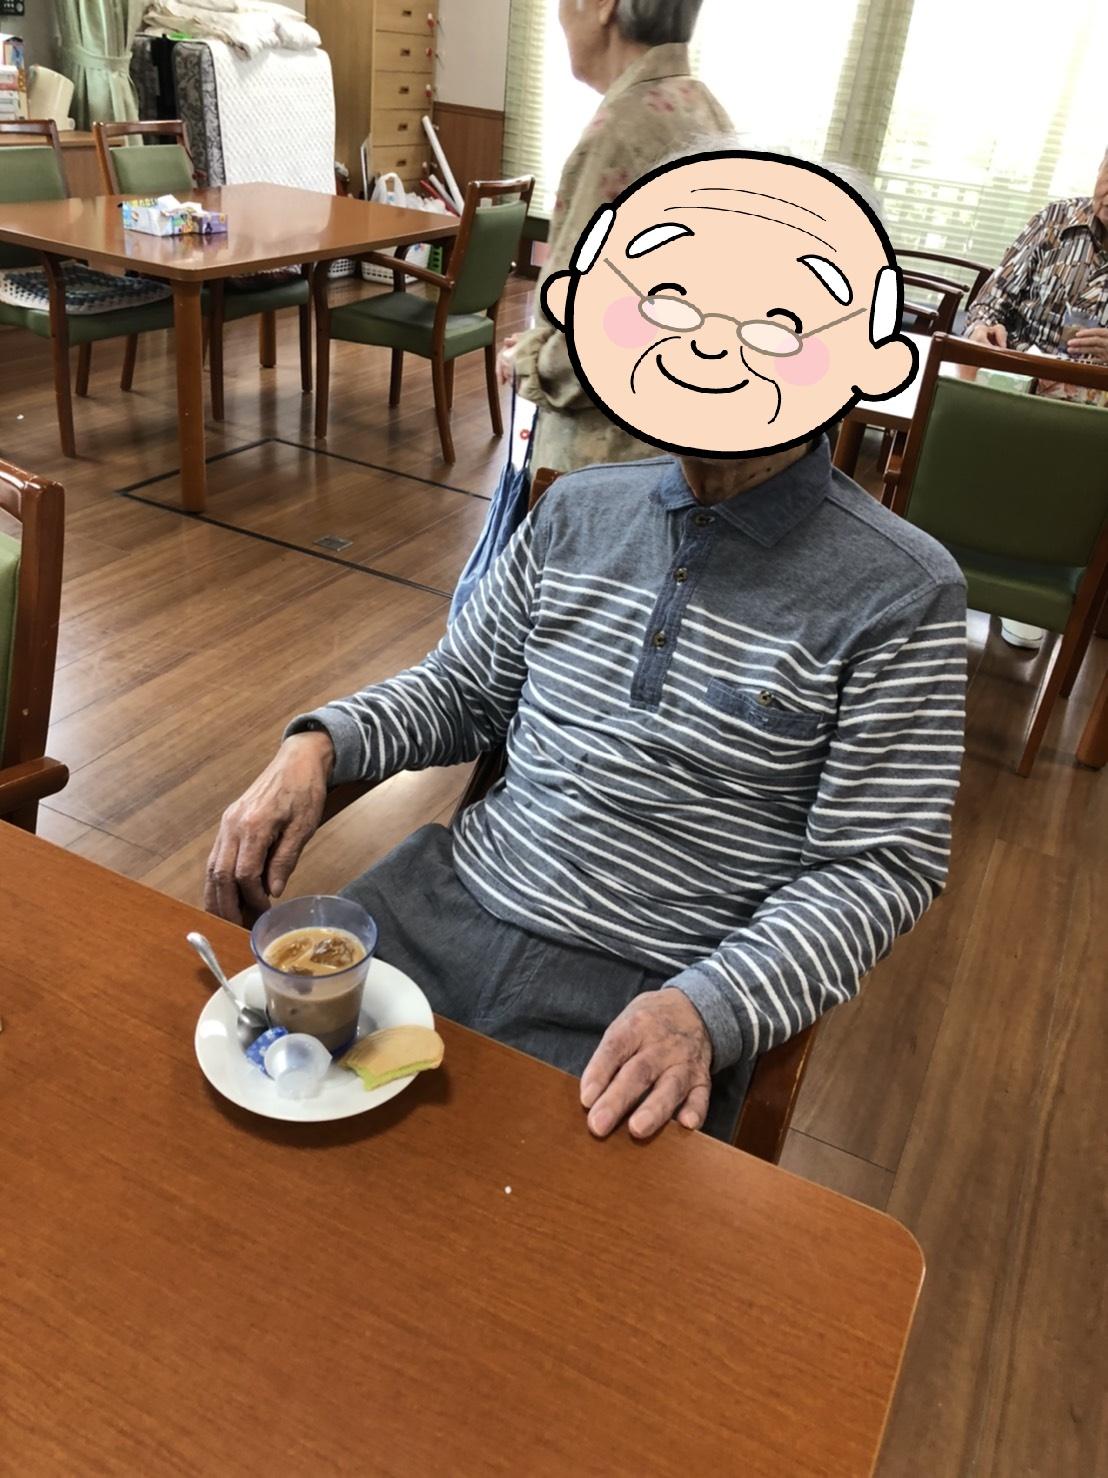 冷コーの日(有料老人ホームゆたか)